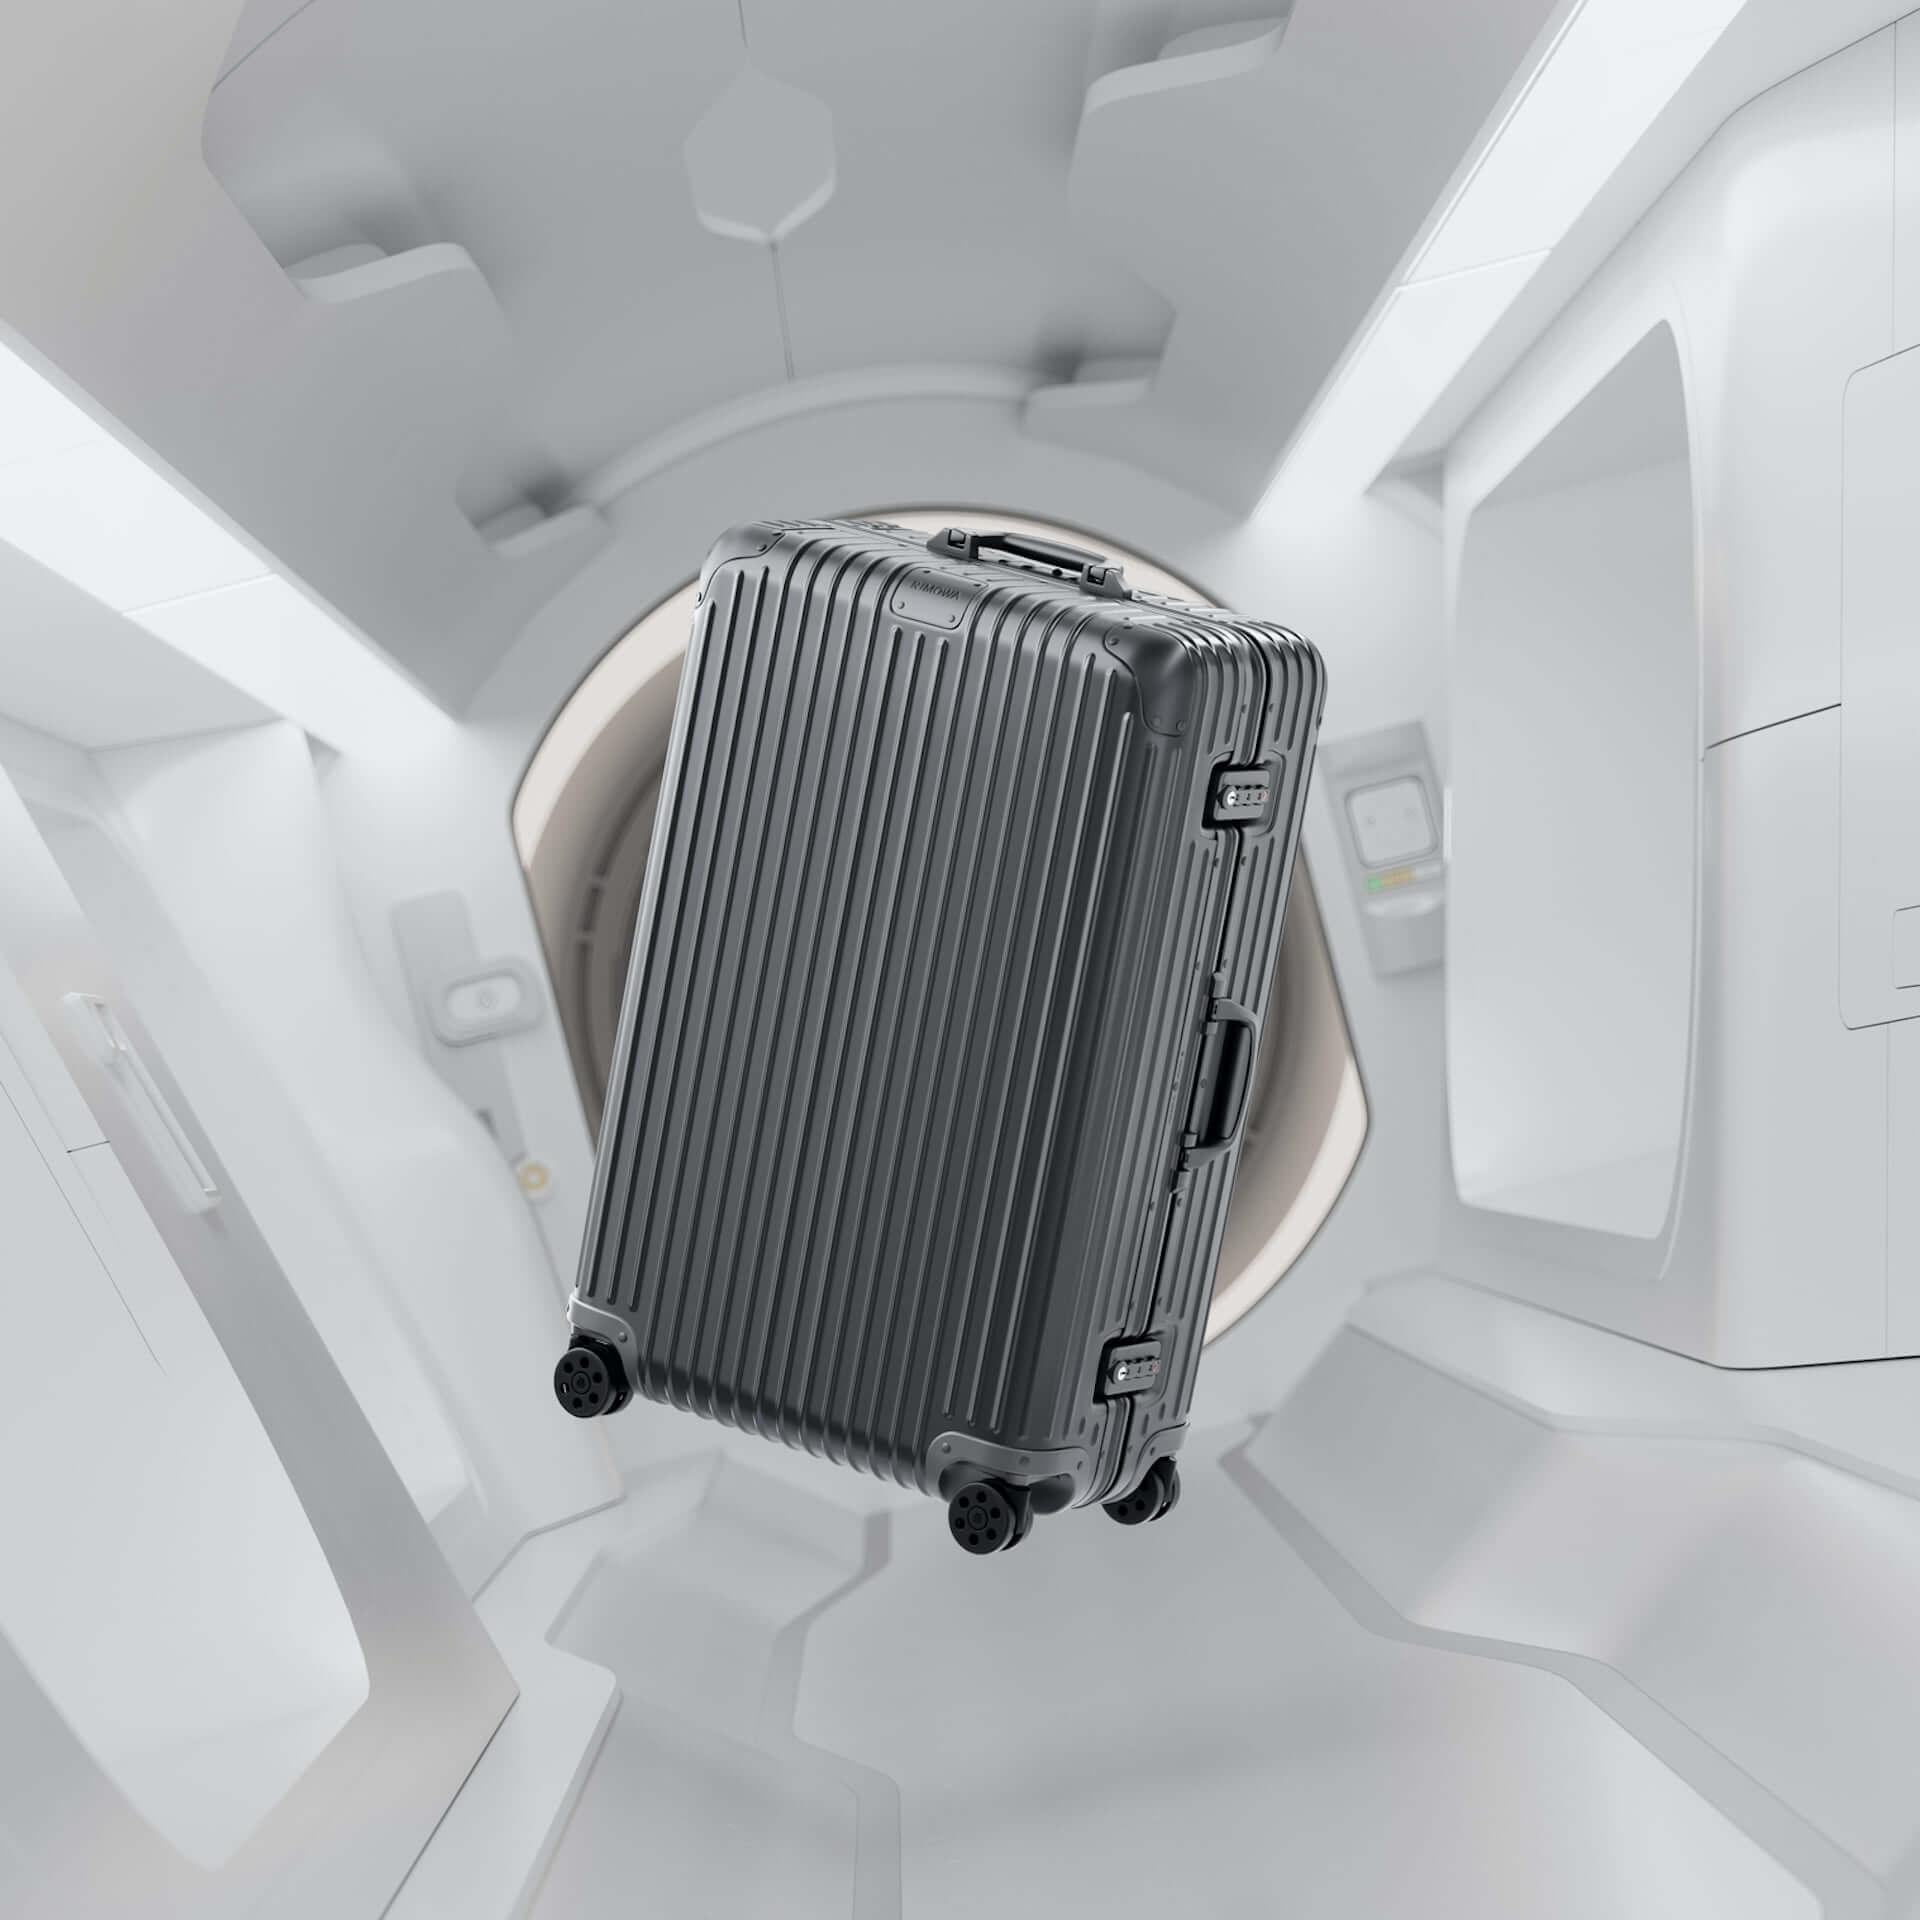 RIMOWAを代表するアルミニウム合金製スーツケースの新色が発売決定!銀河から着想を得たオレンジ、ミディアムグレーが登場 tech210202_rimowa_3-1920x1920